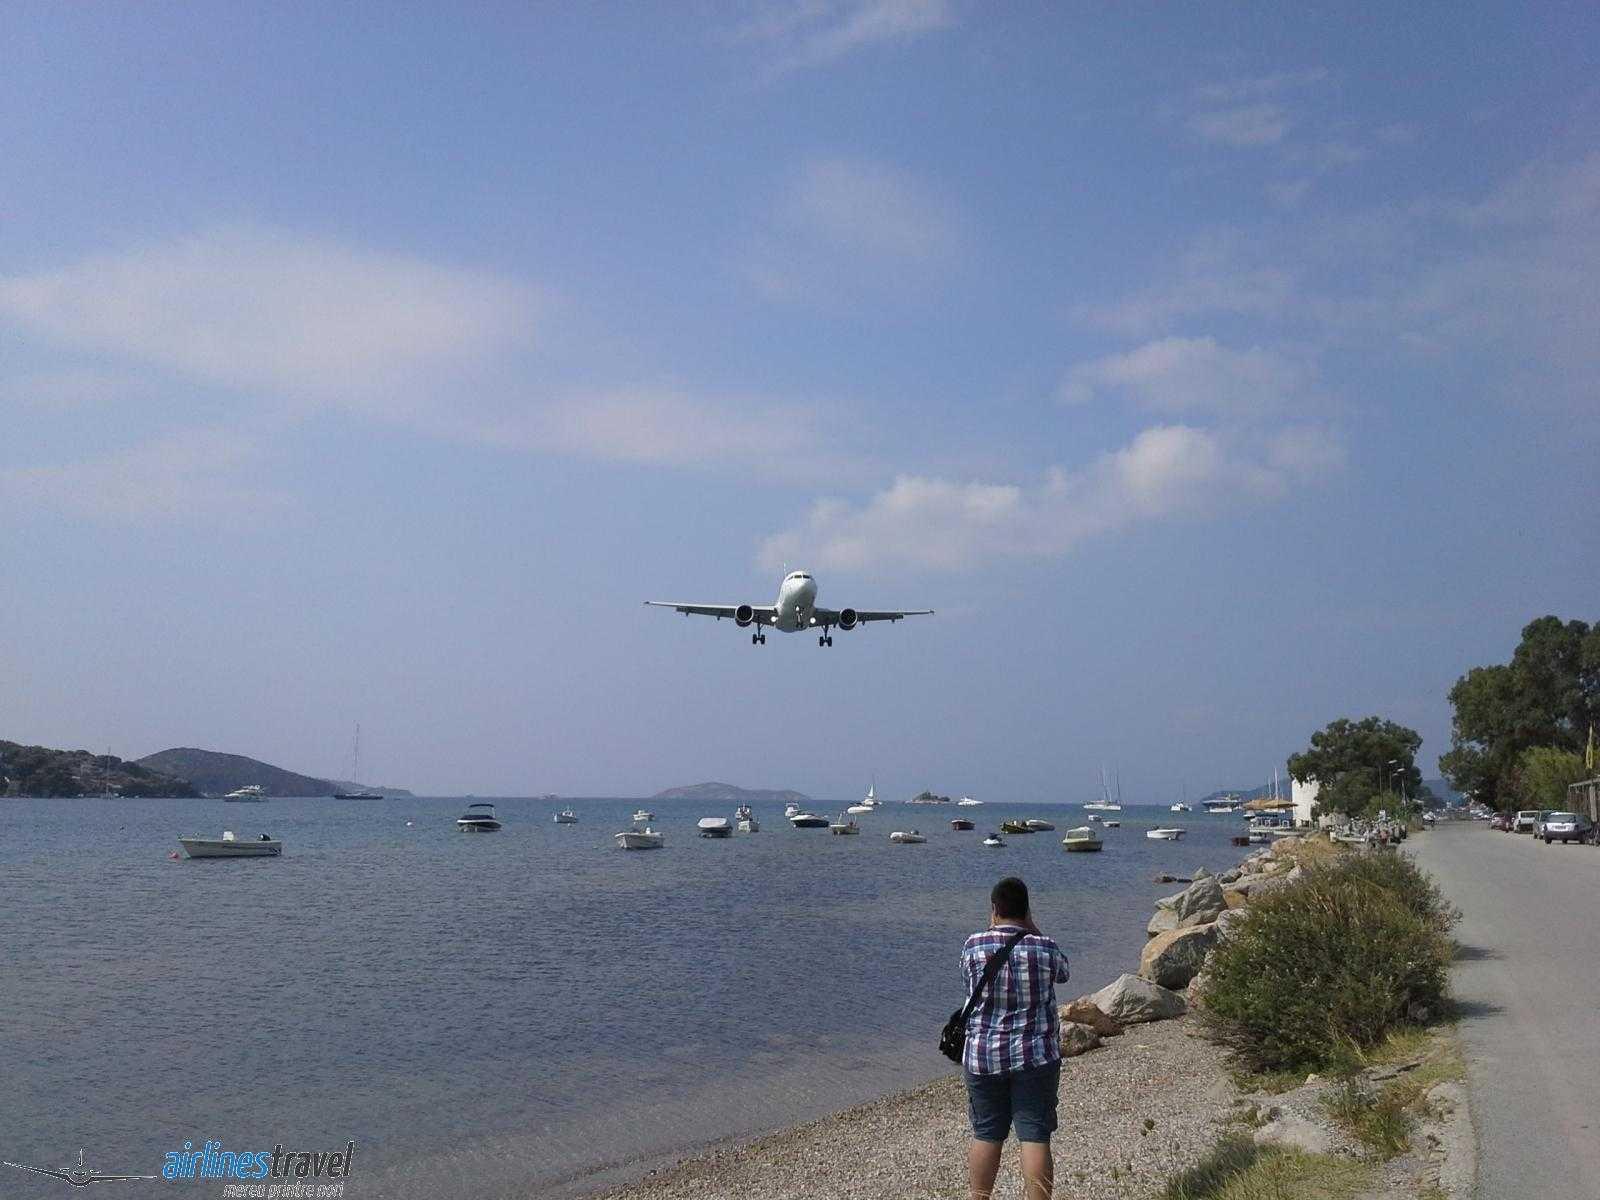 Aeroport_Skiathos_2014_008